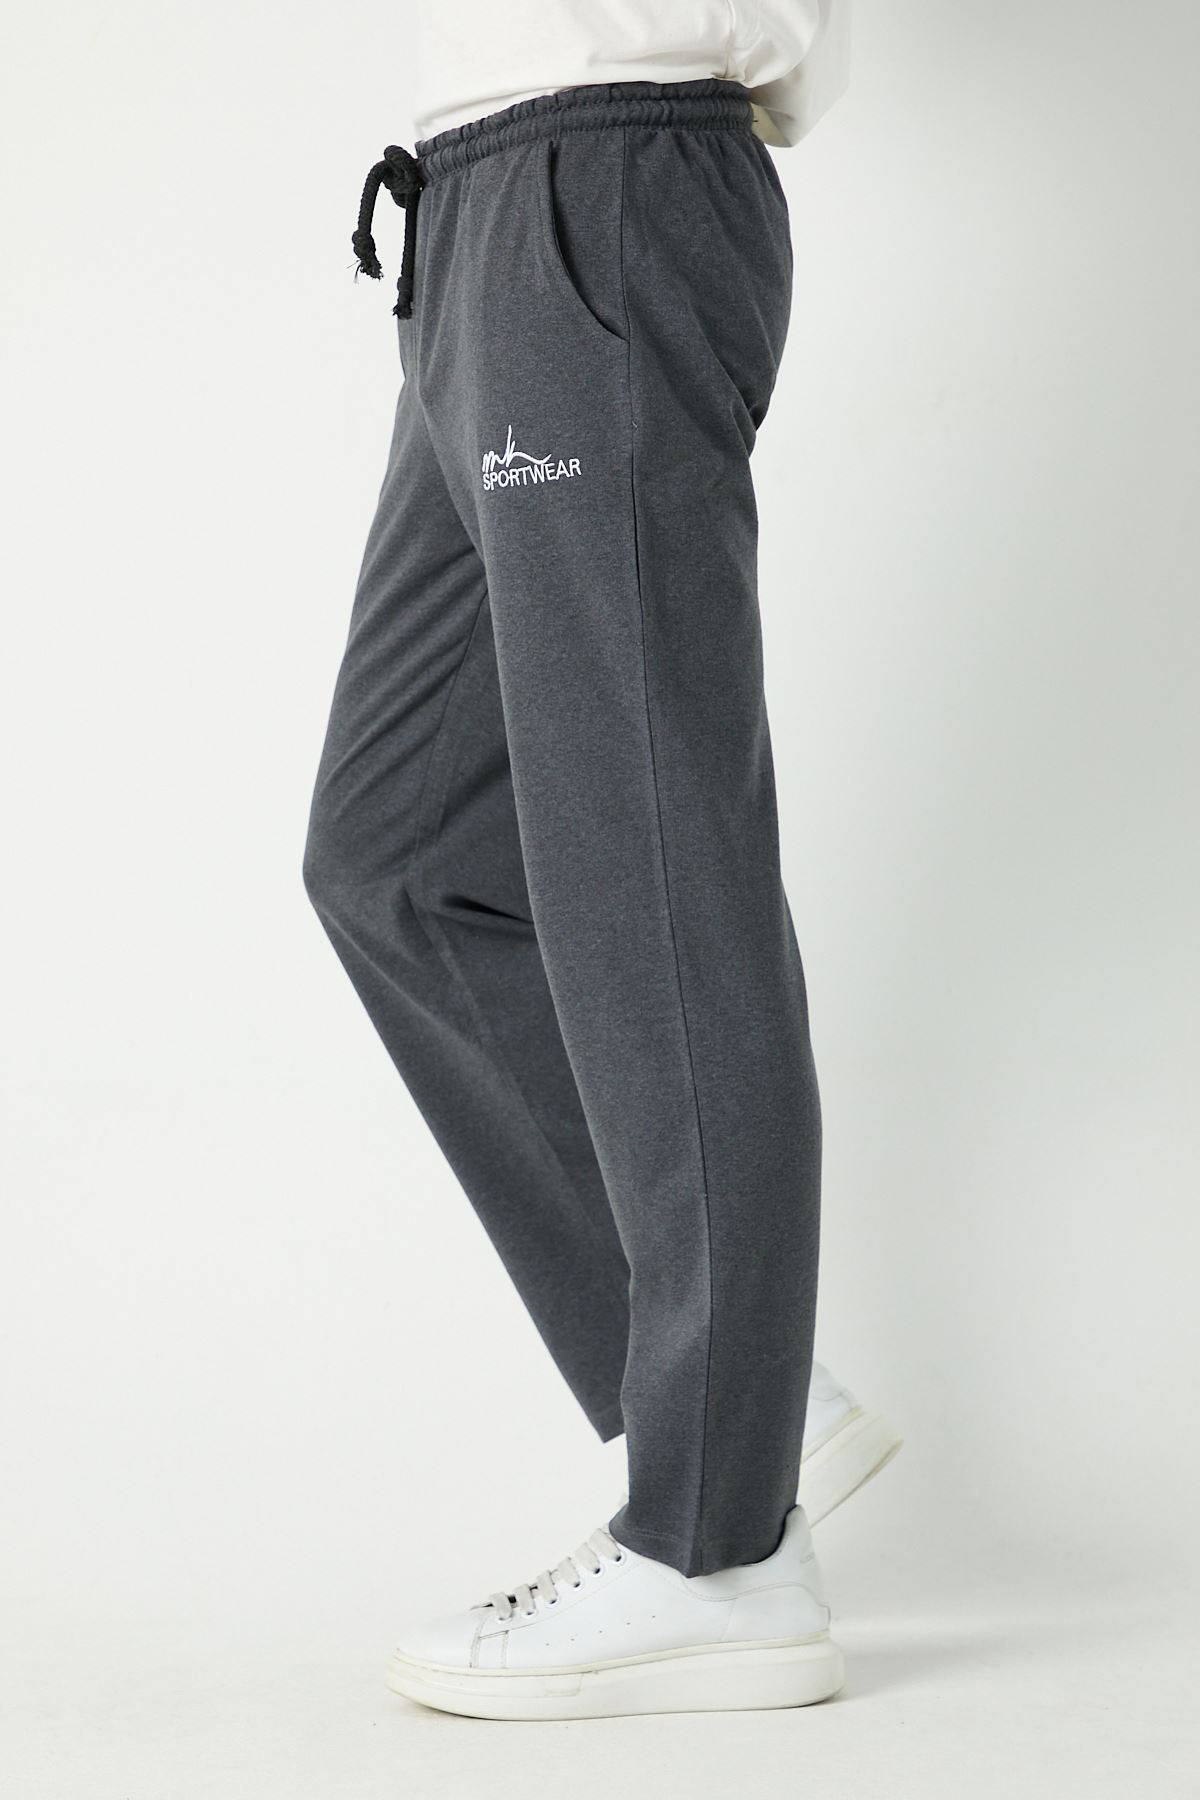 Erkek Sportwear Nakış Düz Paça Antrasit Eşofman Alt